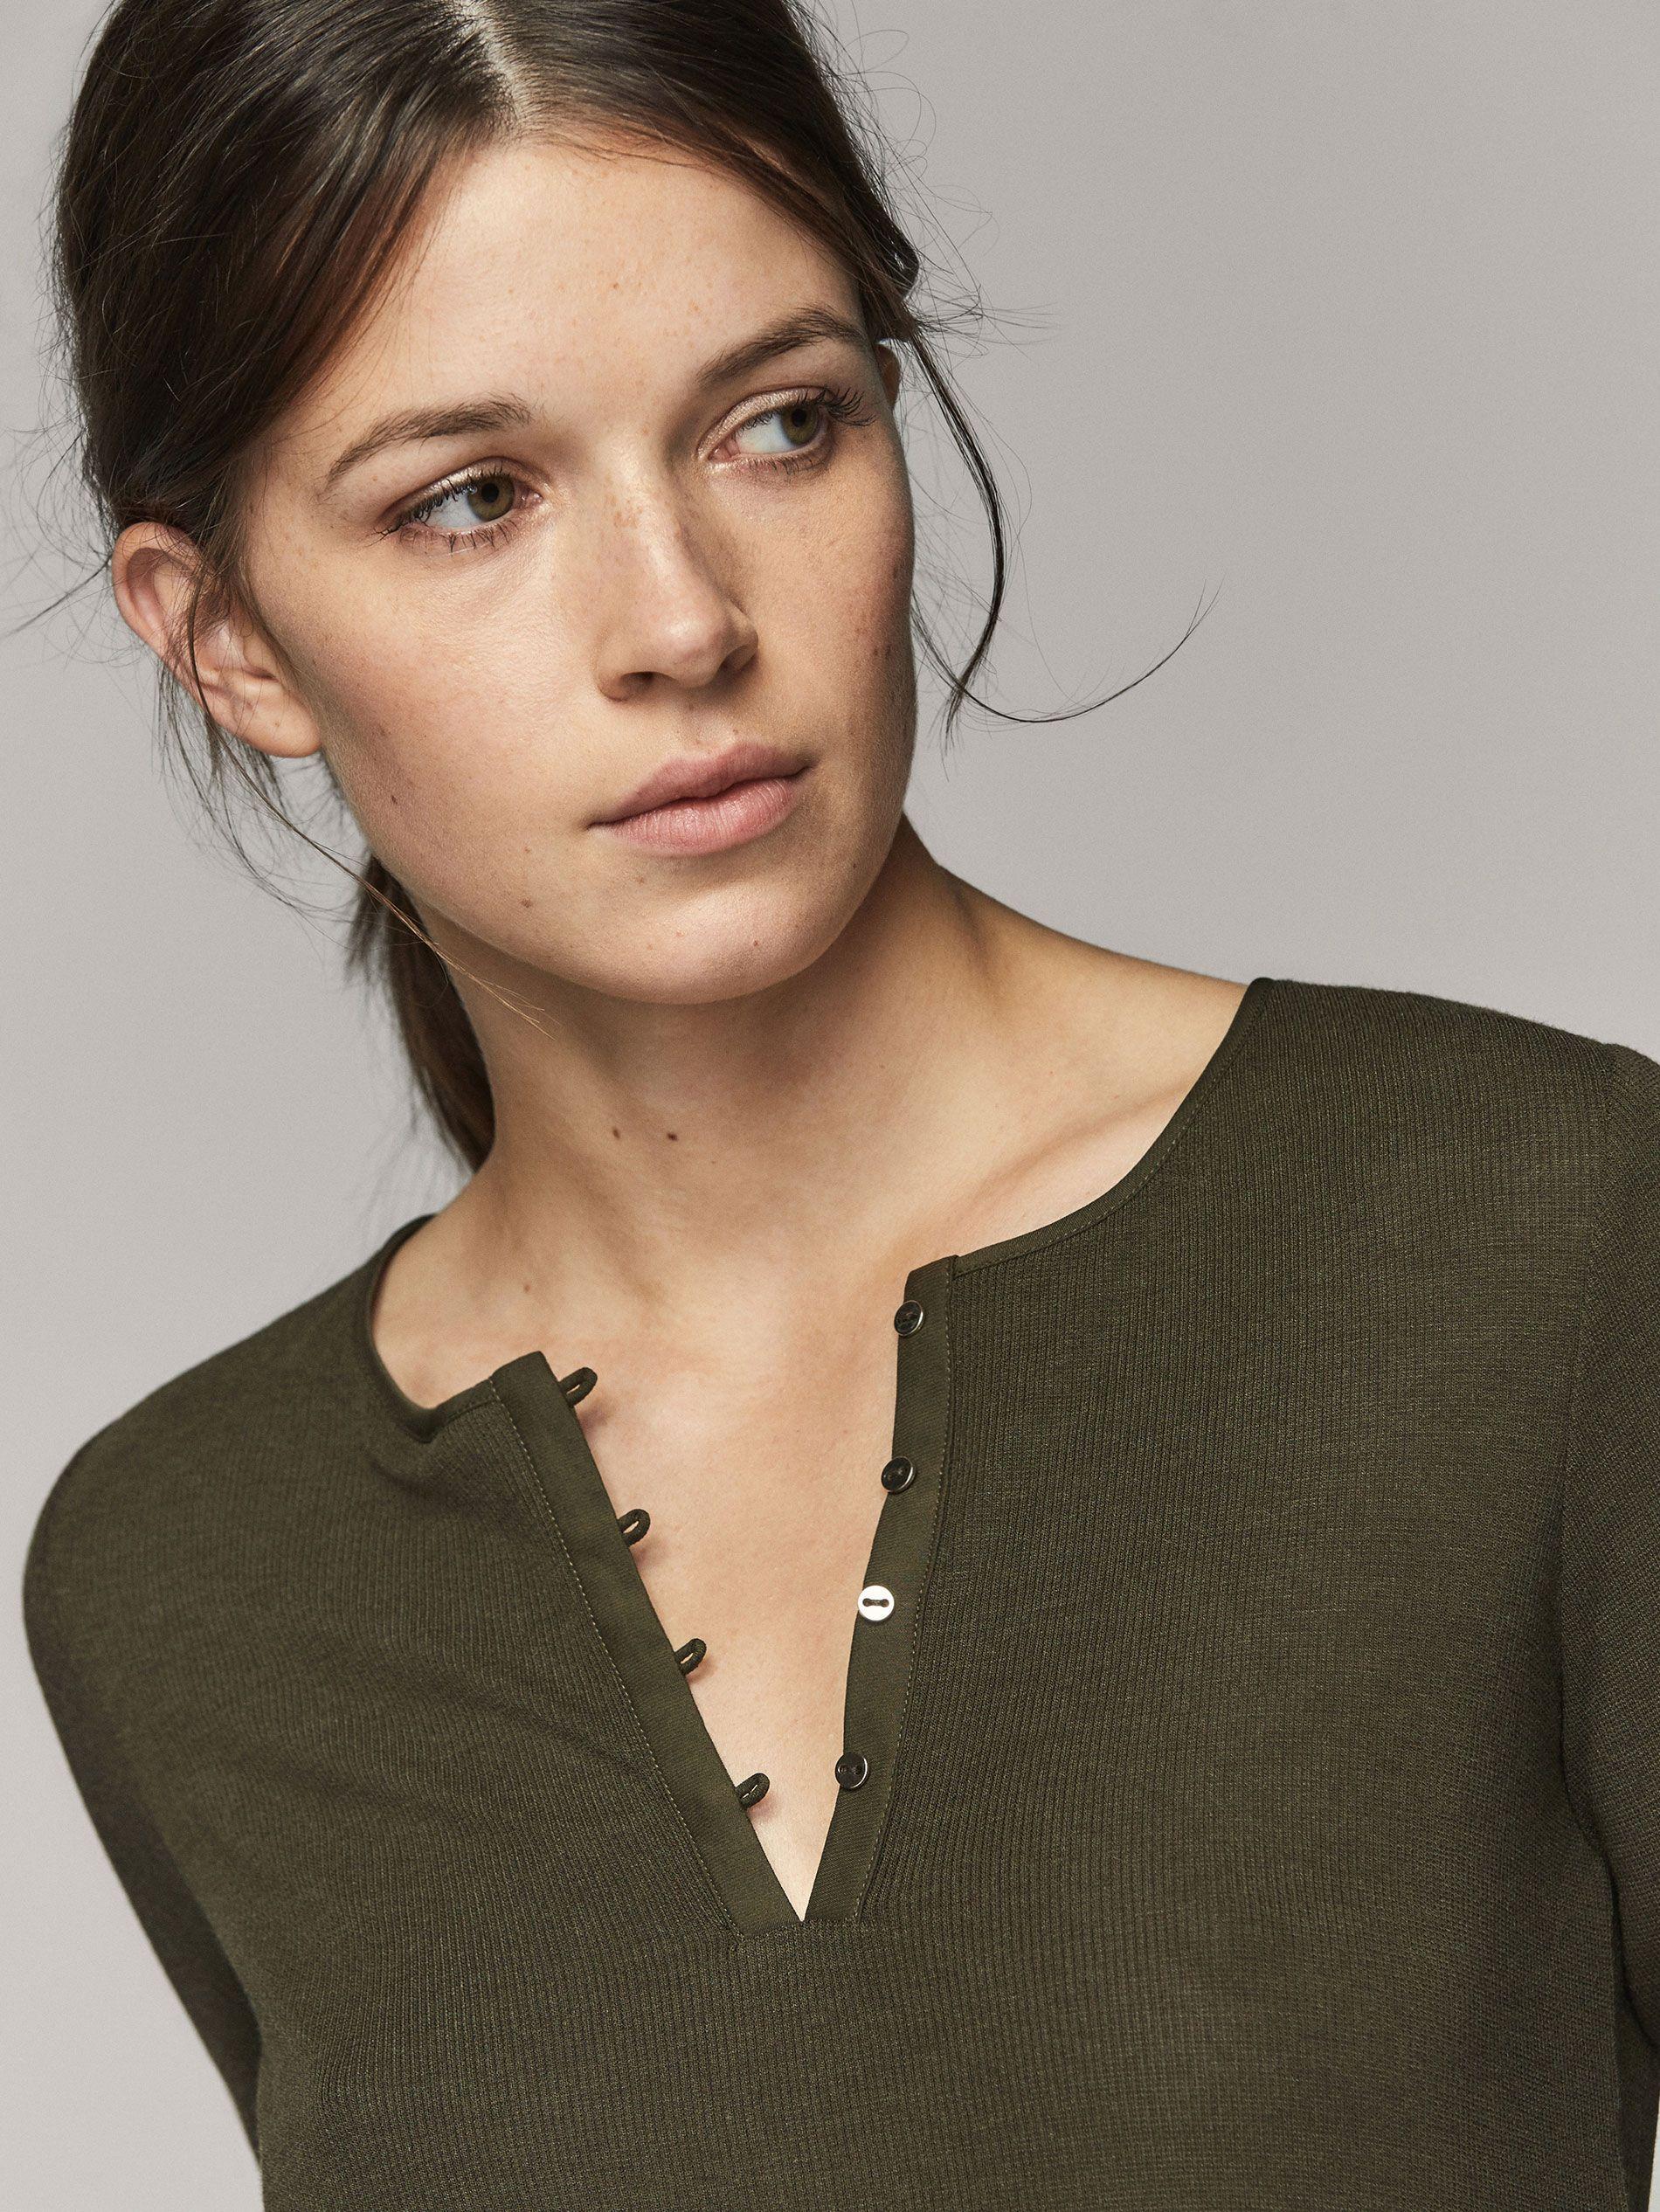 Camiseta lisa. Corte recto, cuello redondo, cierre mediante tapeta de cuatro botones y manga larga.